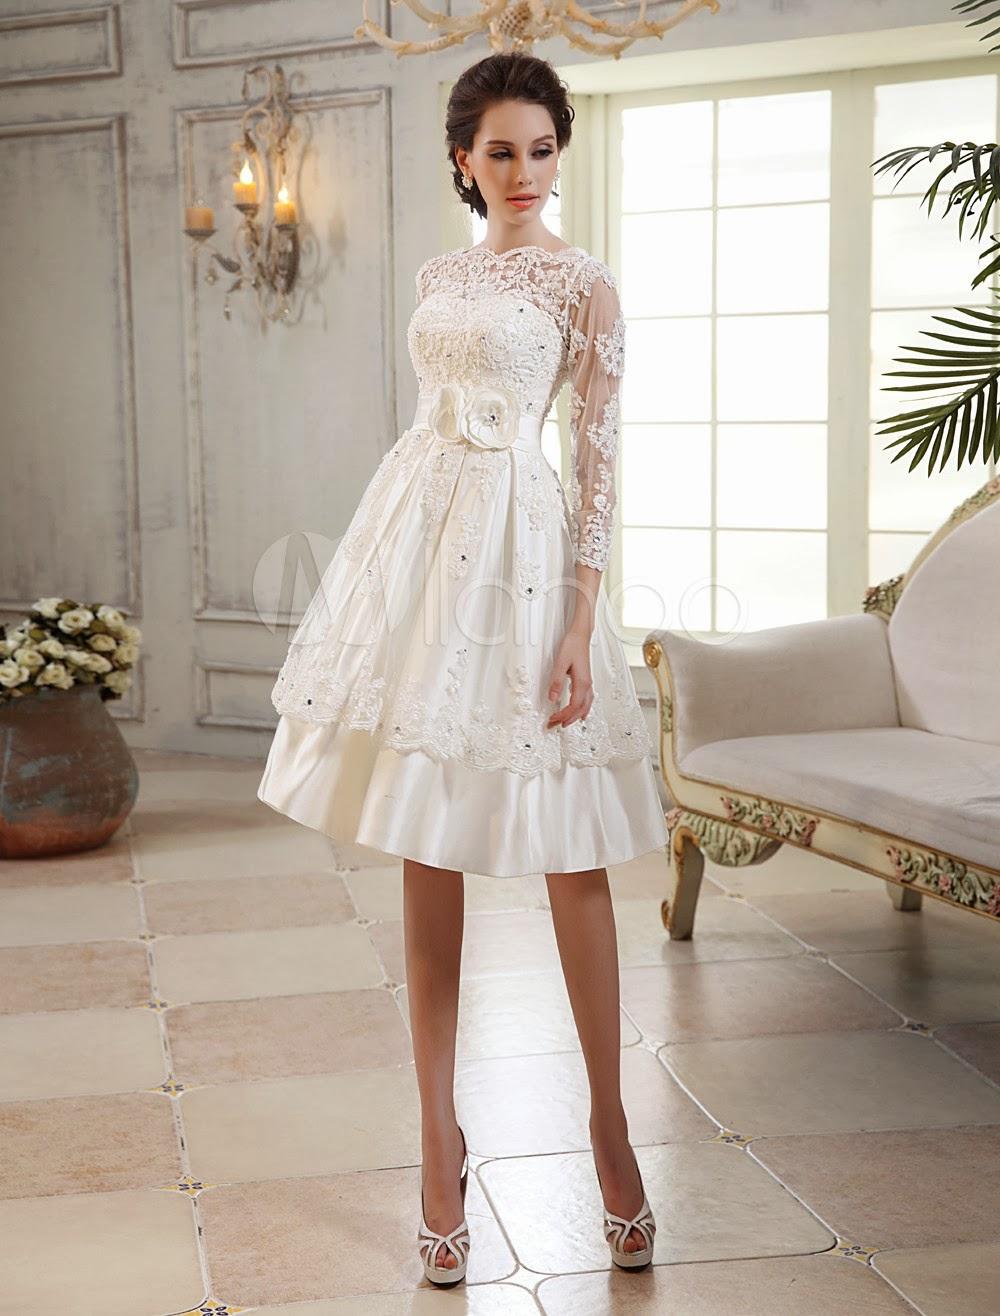 TODA MUJER ES BELLA: Vestidos de Novia baratos 2014- Fotos